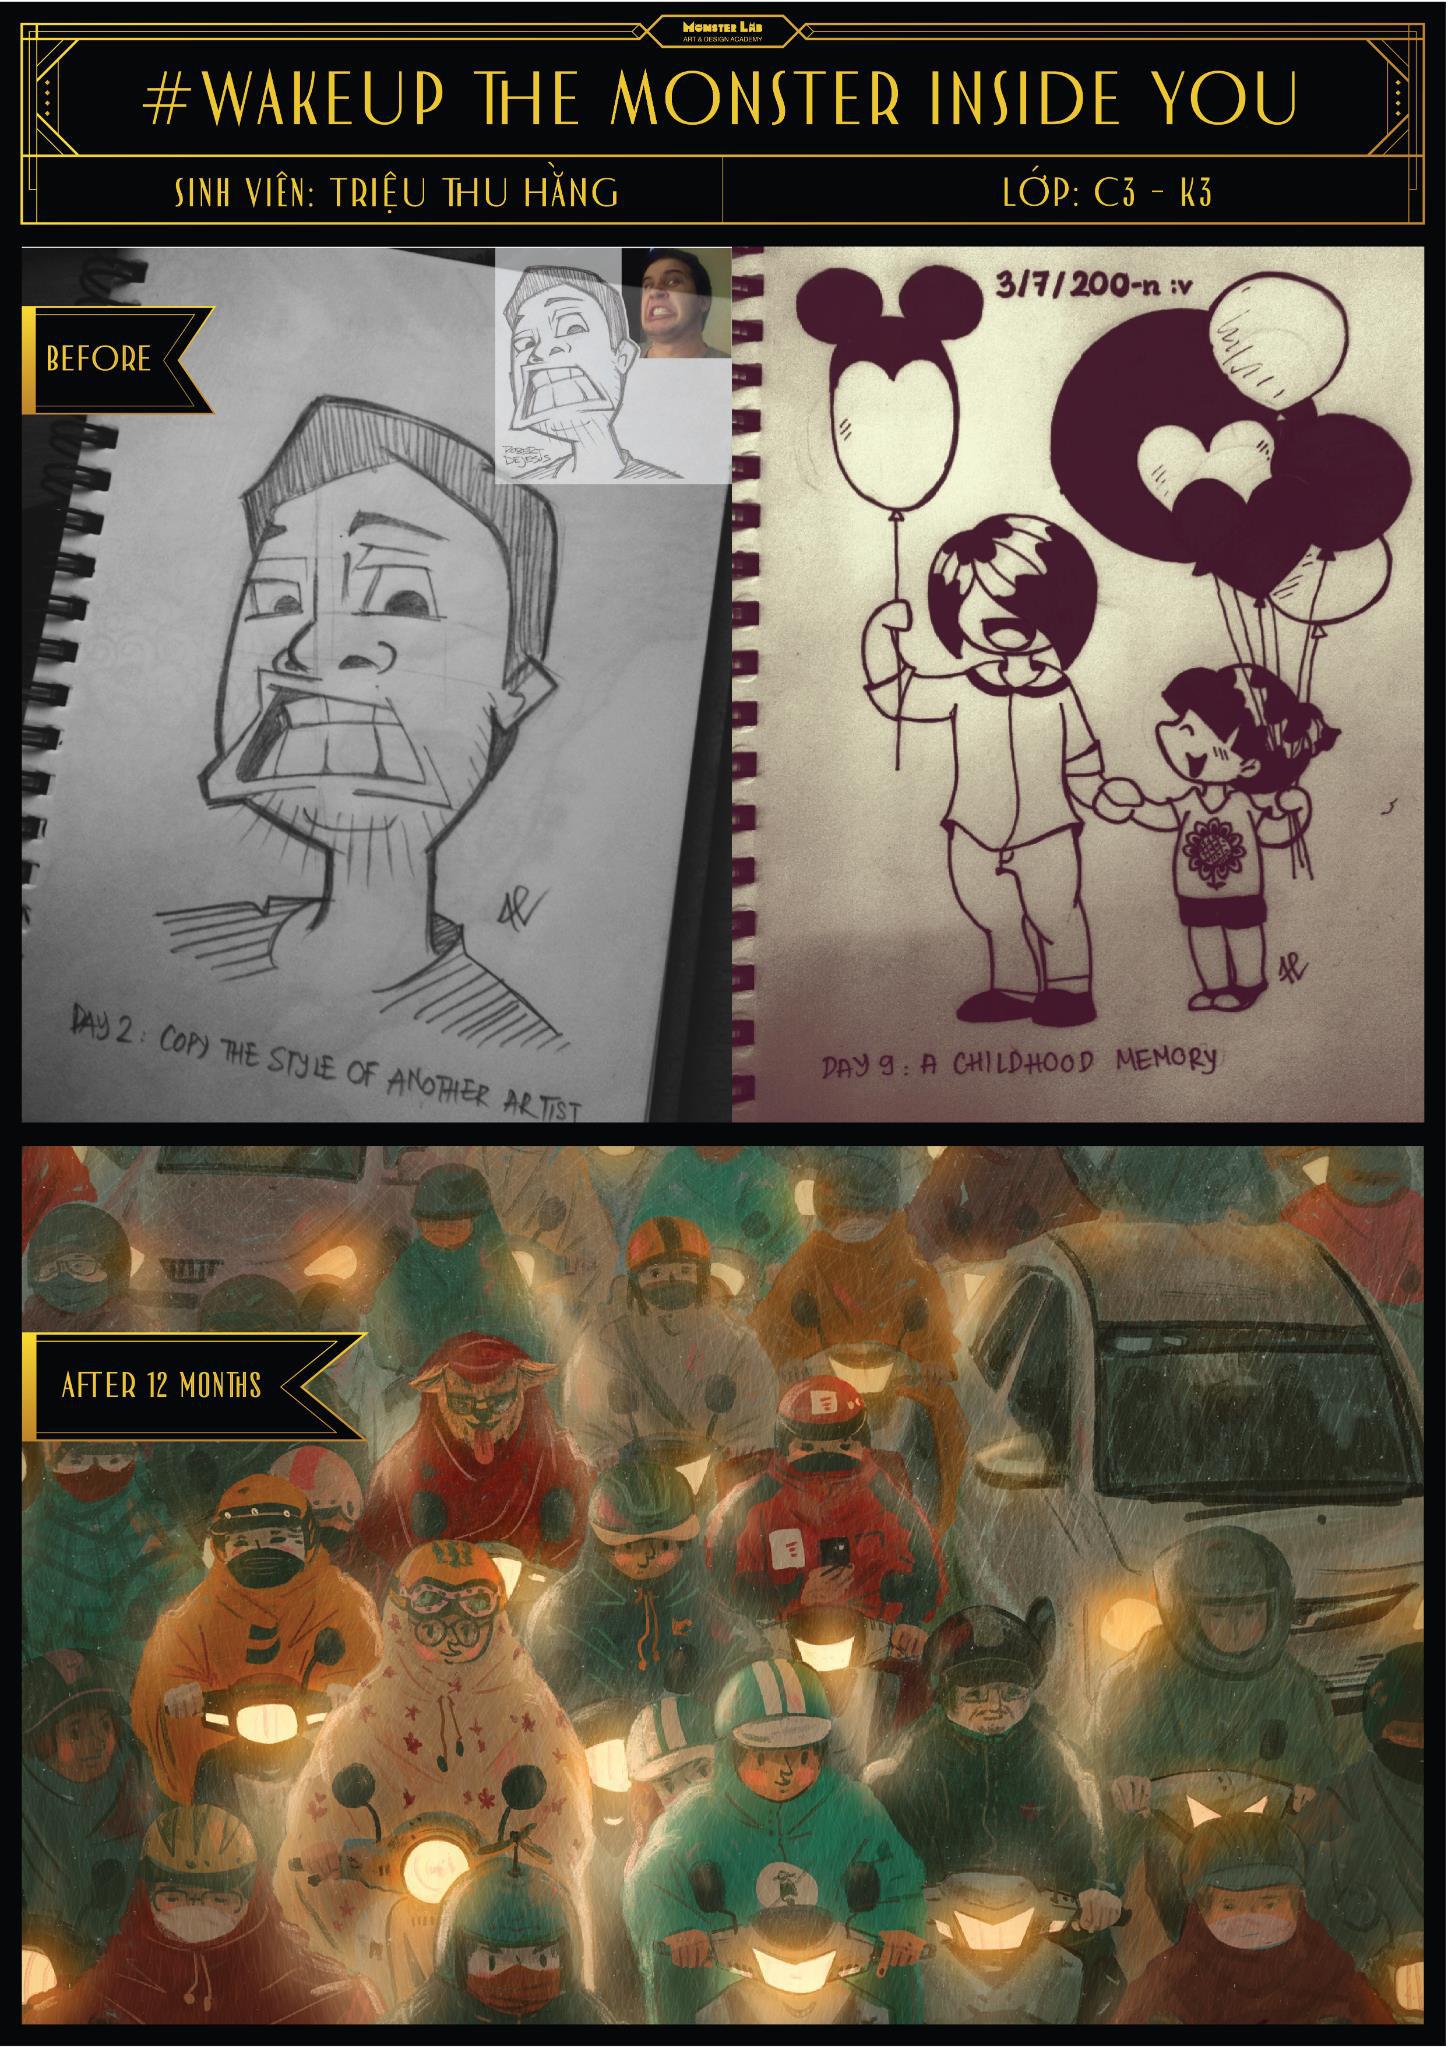 Theo chân Monster Lab tìm hiểu Digital Painting - Nghề dành riêng cho bạn trẻ thích vẽ - Ảnh 3.